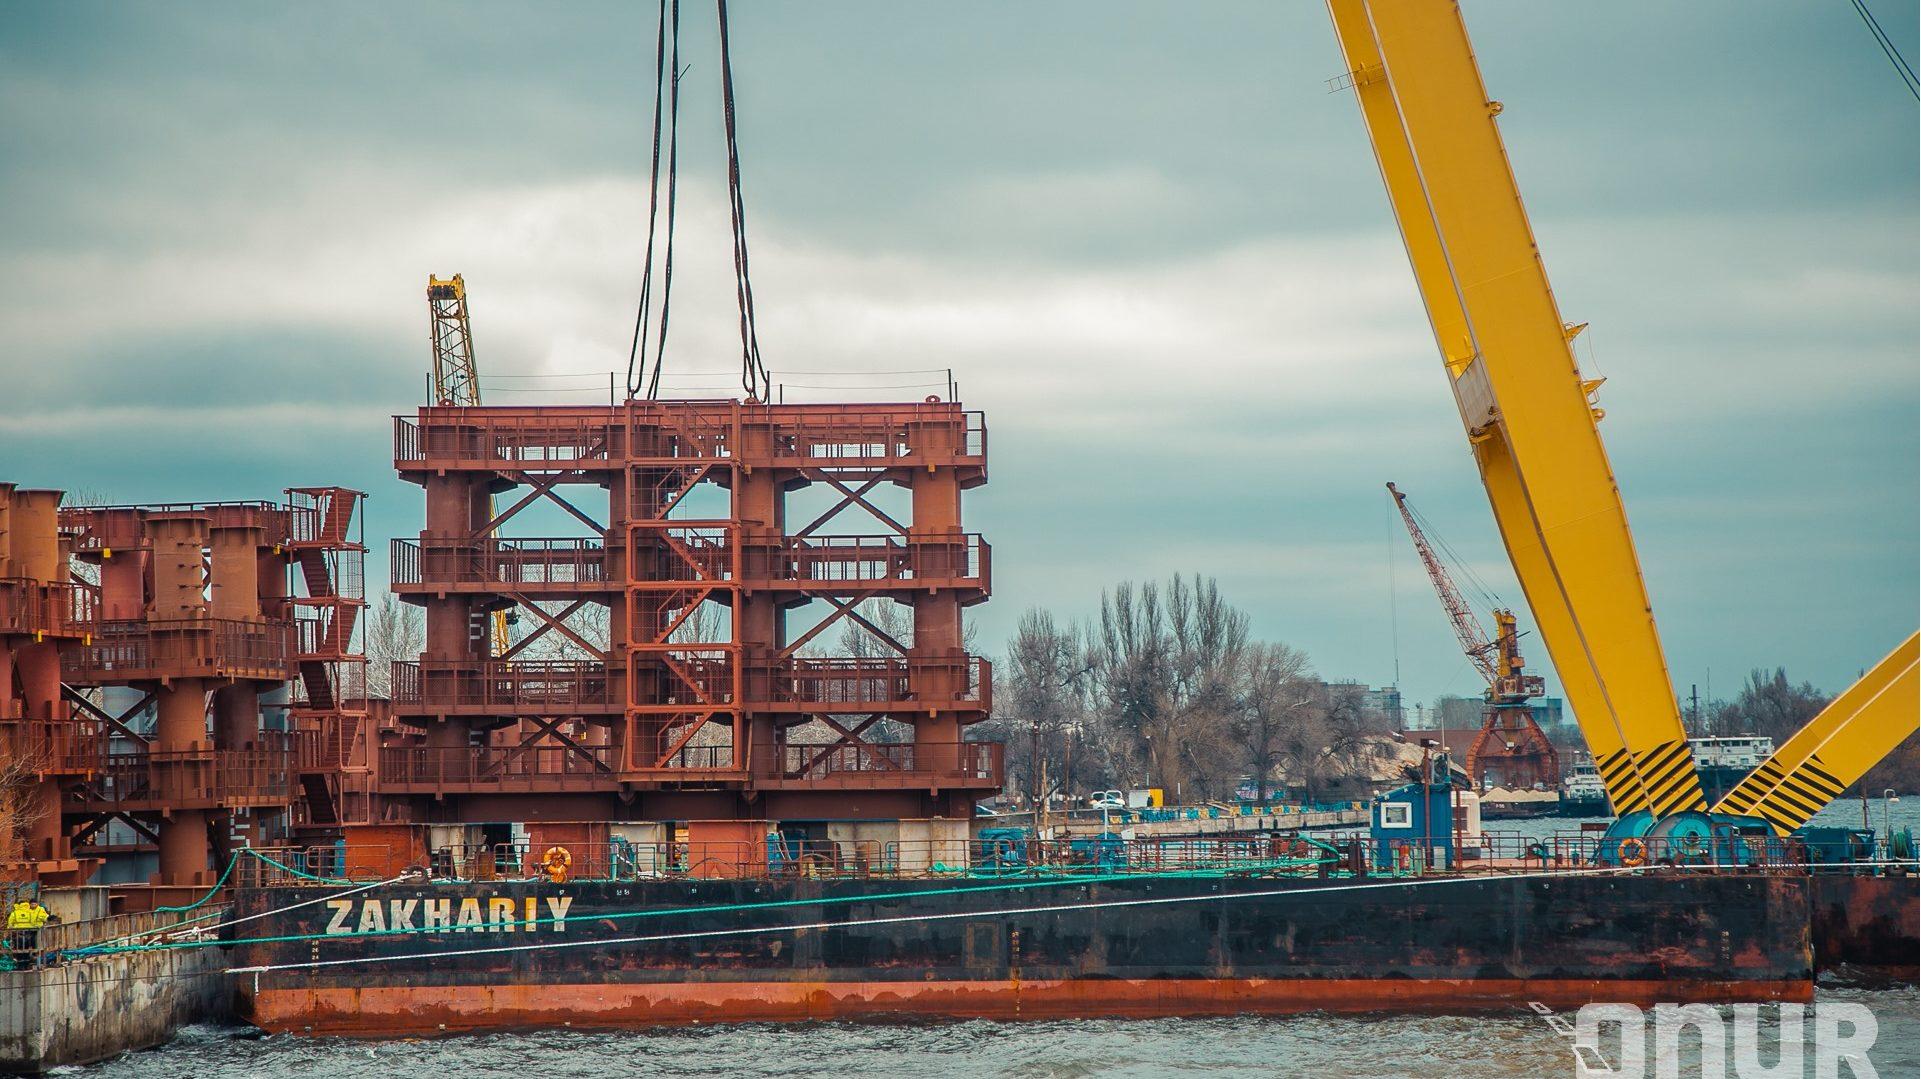 Сегодня в Запорожье гигантcкий кран «Захарий» приступил к строительству вантового моста моста через Днепр, – ФОТО